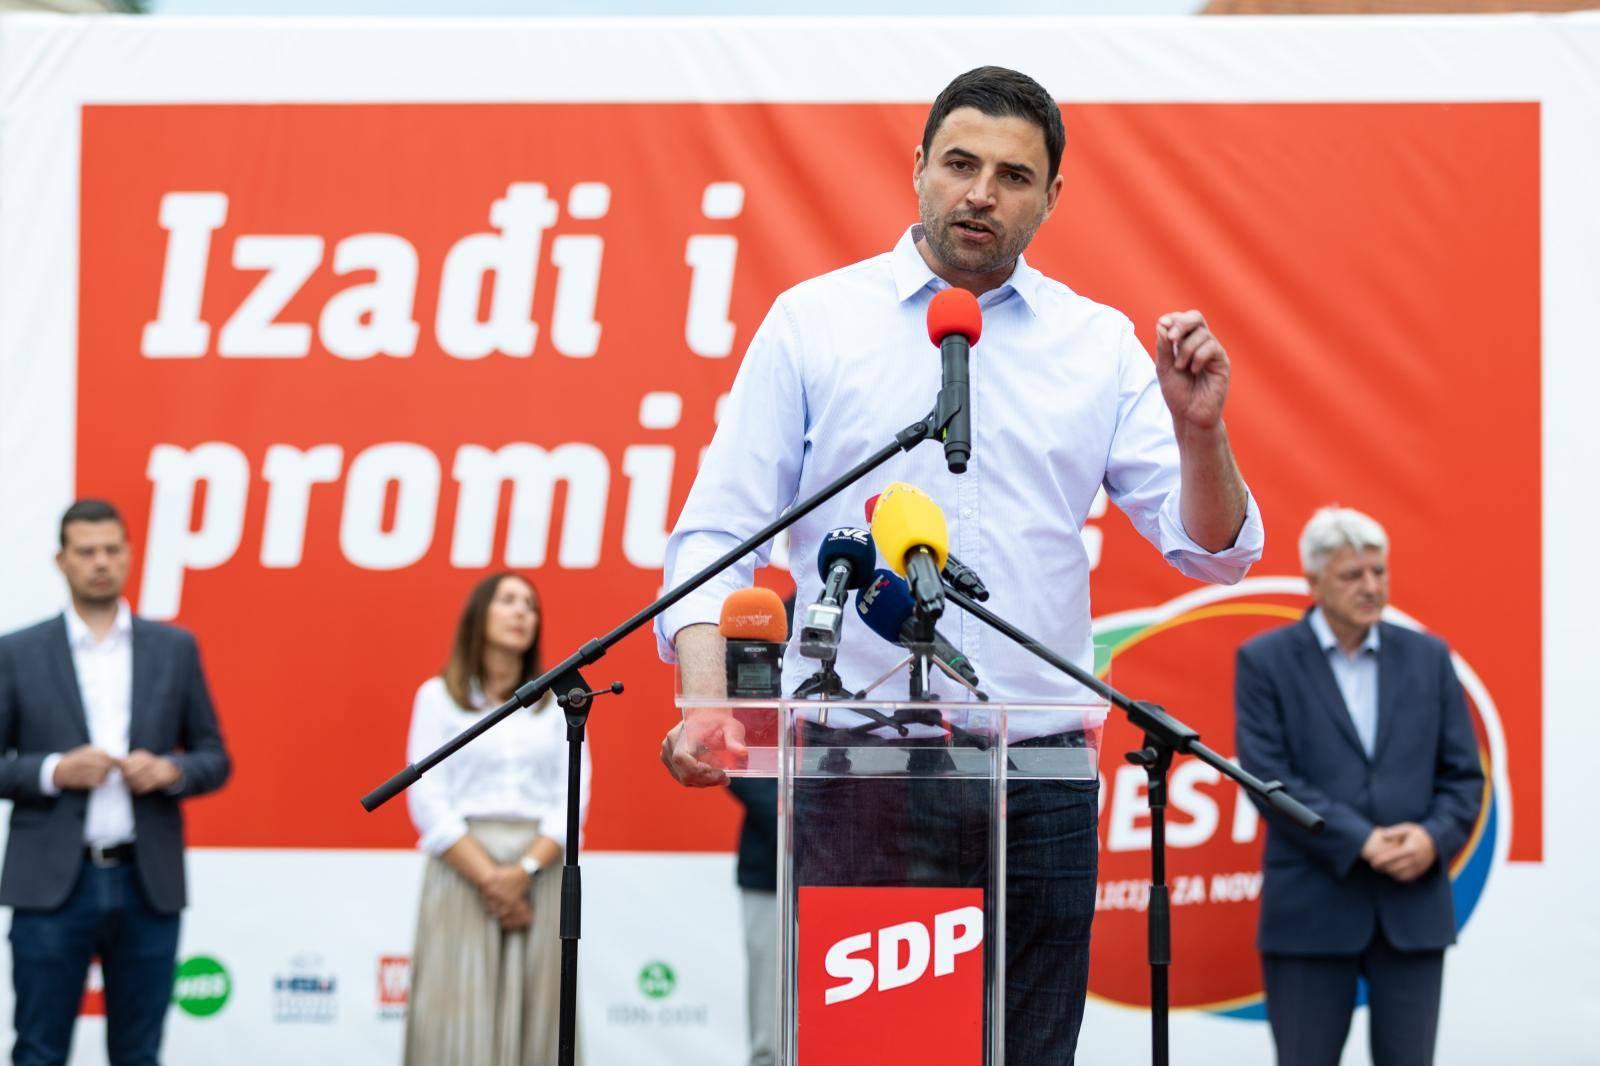 Lider RESTART koalicije, Davor Bernardić, i suradnici posjetili su grad Samobor